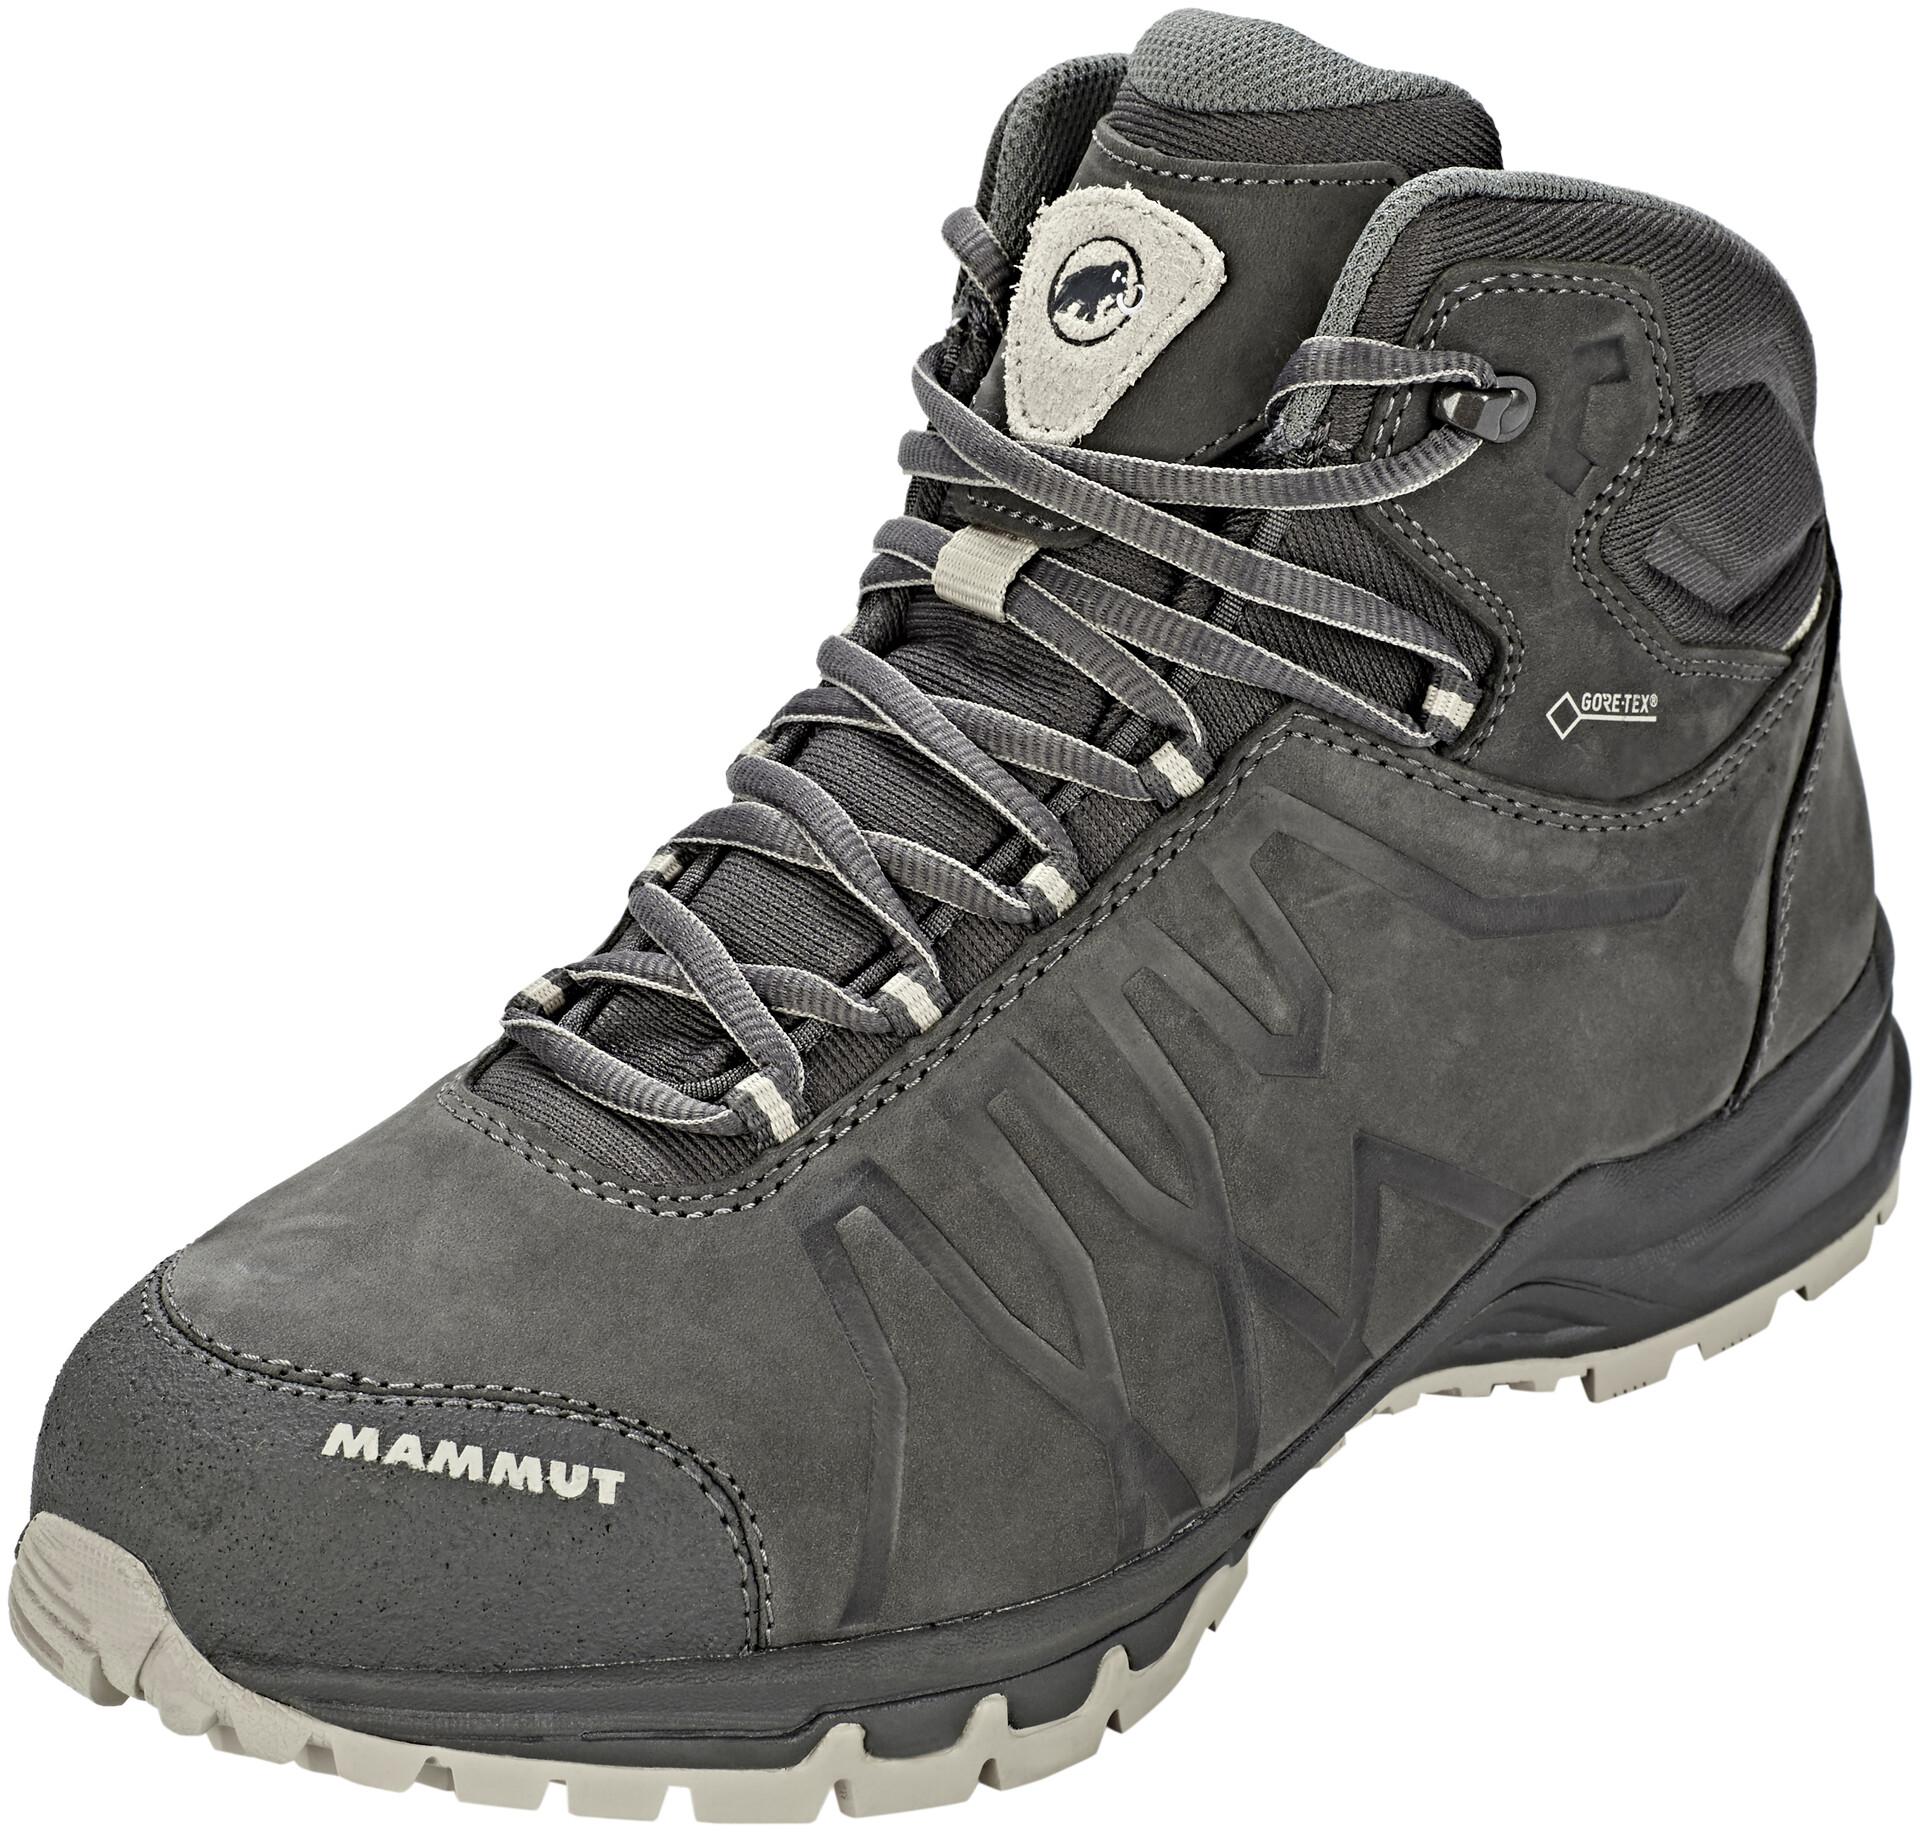 Herren Trekking Wander Schuh Mercury Iii Low Gtx Mammut